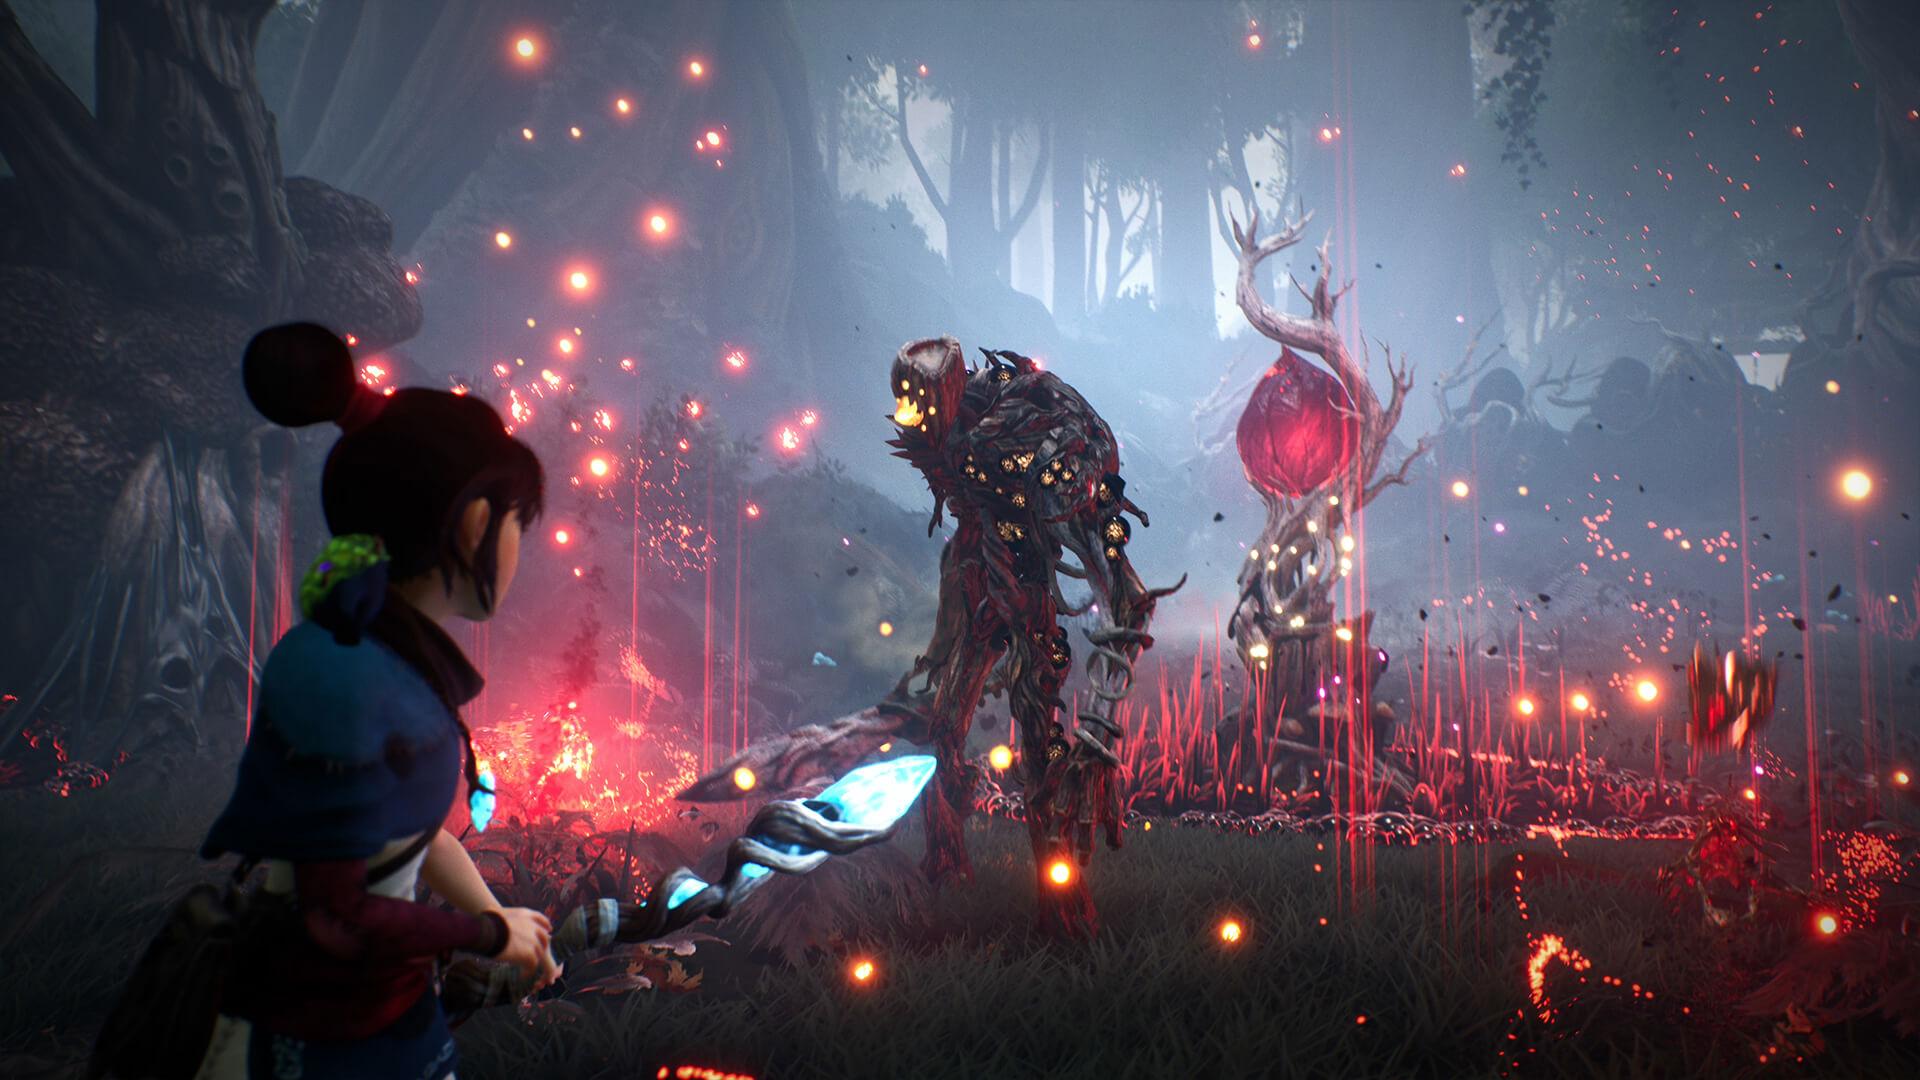 video game kena bridge of spirits wallpaper 72324